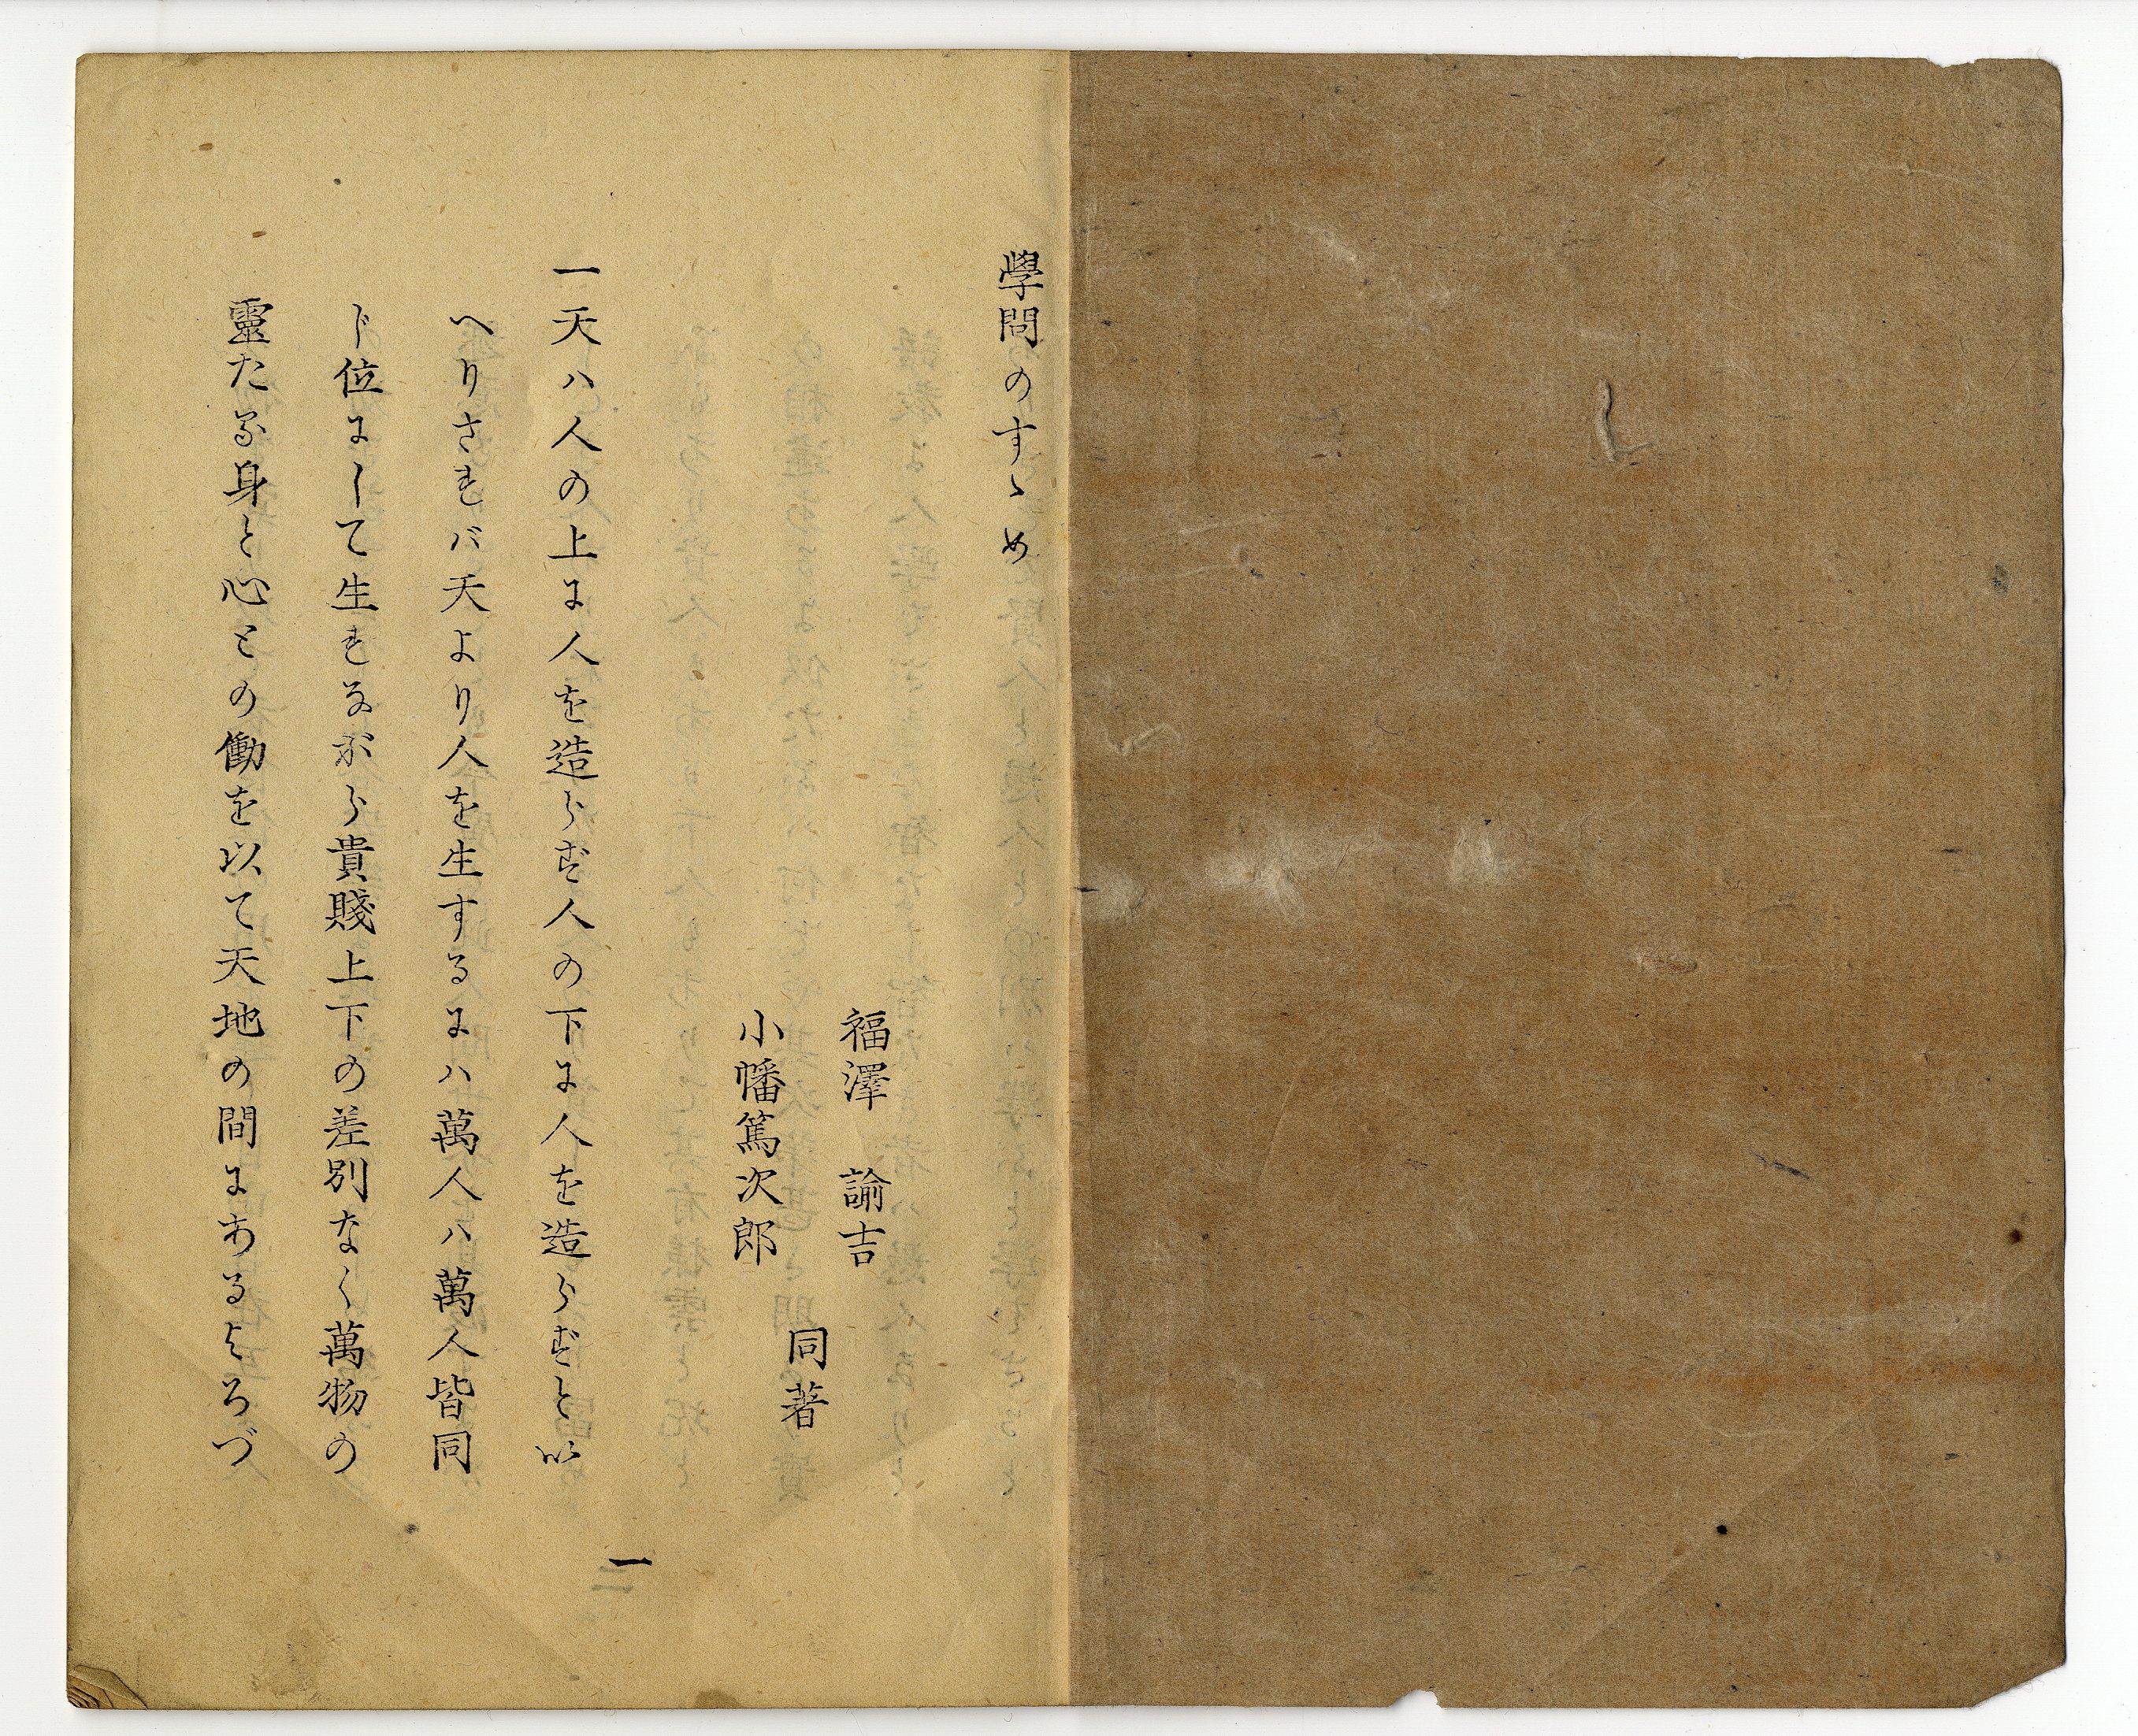 https://upload.wikimedia.org/wikipedia/commons/1/10/Gakumon-no-susume.jpg